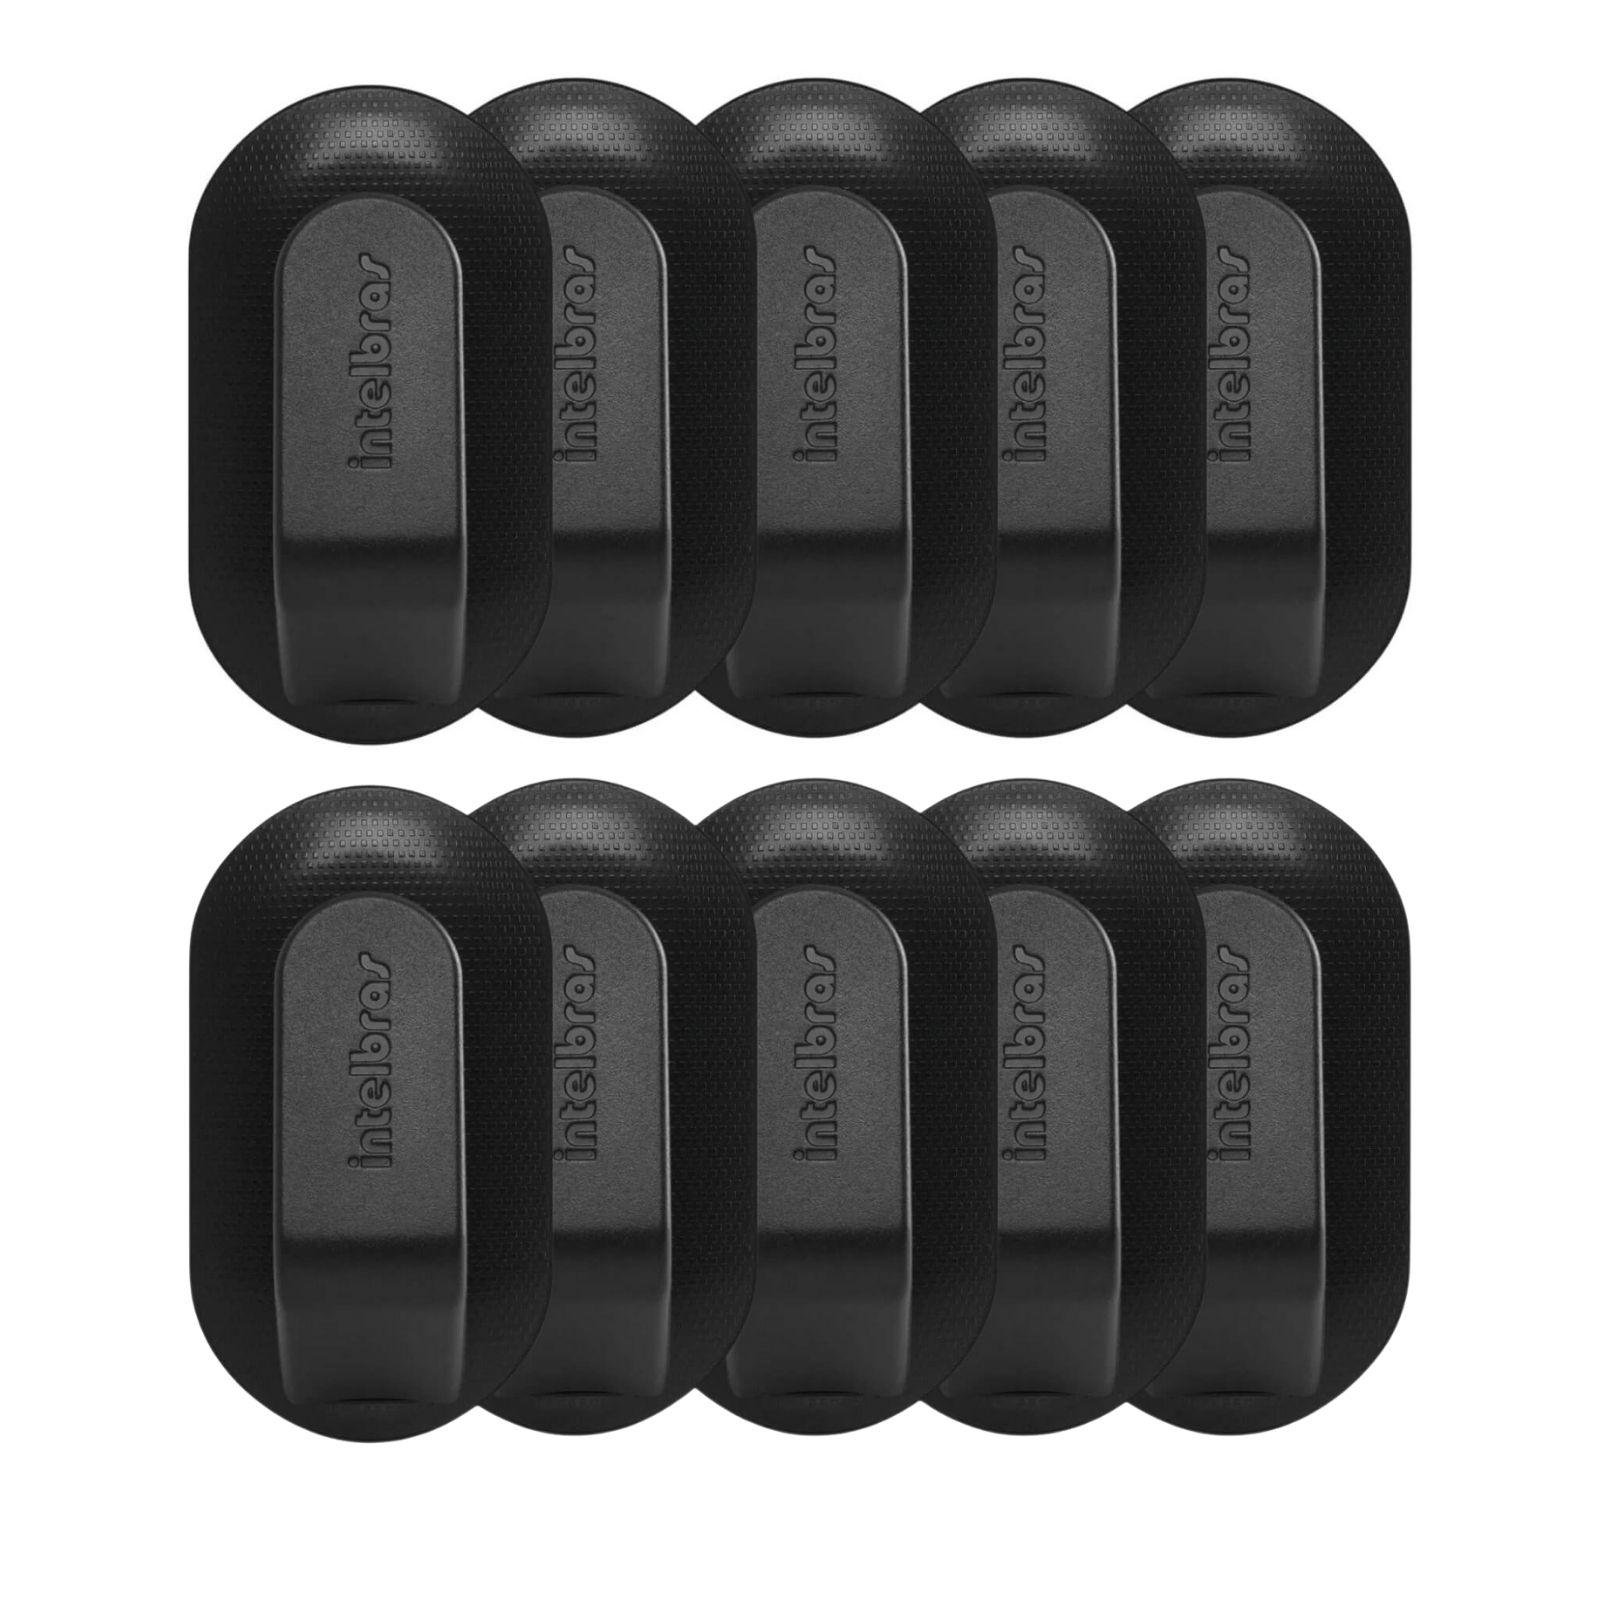 Kit 10 Controles de Alarme/Portão XAC 4000 Smart Intelbras